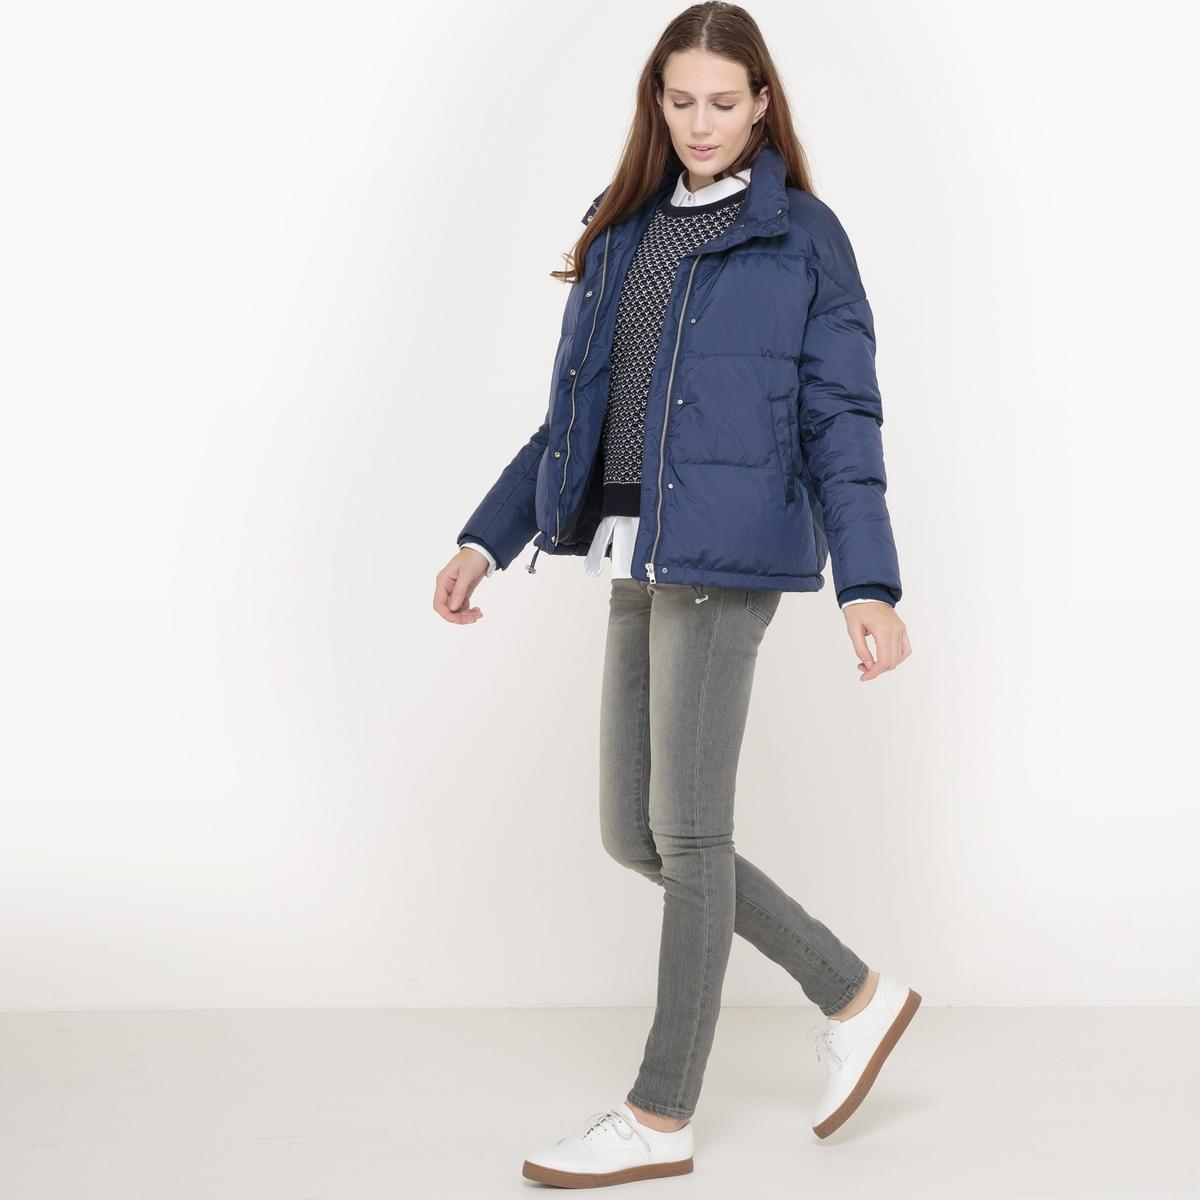 Куртка стеганая оверсайзСтеганая куртка. Покрой оверсайз. Капюшон. Застежка на молнию. 2 кармана по бокам. Состав и описание Материал верха : 100% полиэстер - Подкладка 100% полиэстерНаполнитель : 70% пуха, 30% пераДлина : 64 смМарка : R essentielУходМашинная стирка при 30 °C Машинная сушка запрещенаНе гладить<br><br>Цвет: темно-синий<br>Размер: 40 (FR) - 46 (RUS)